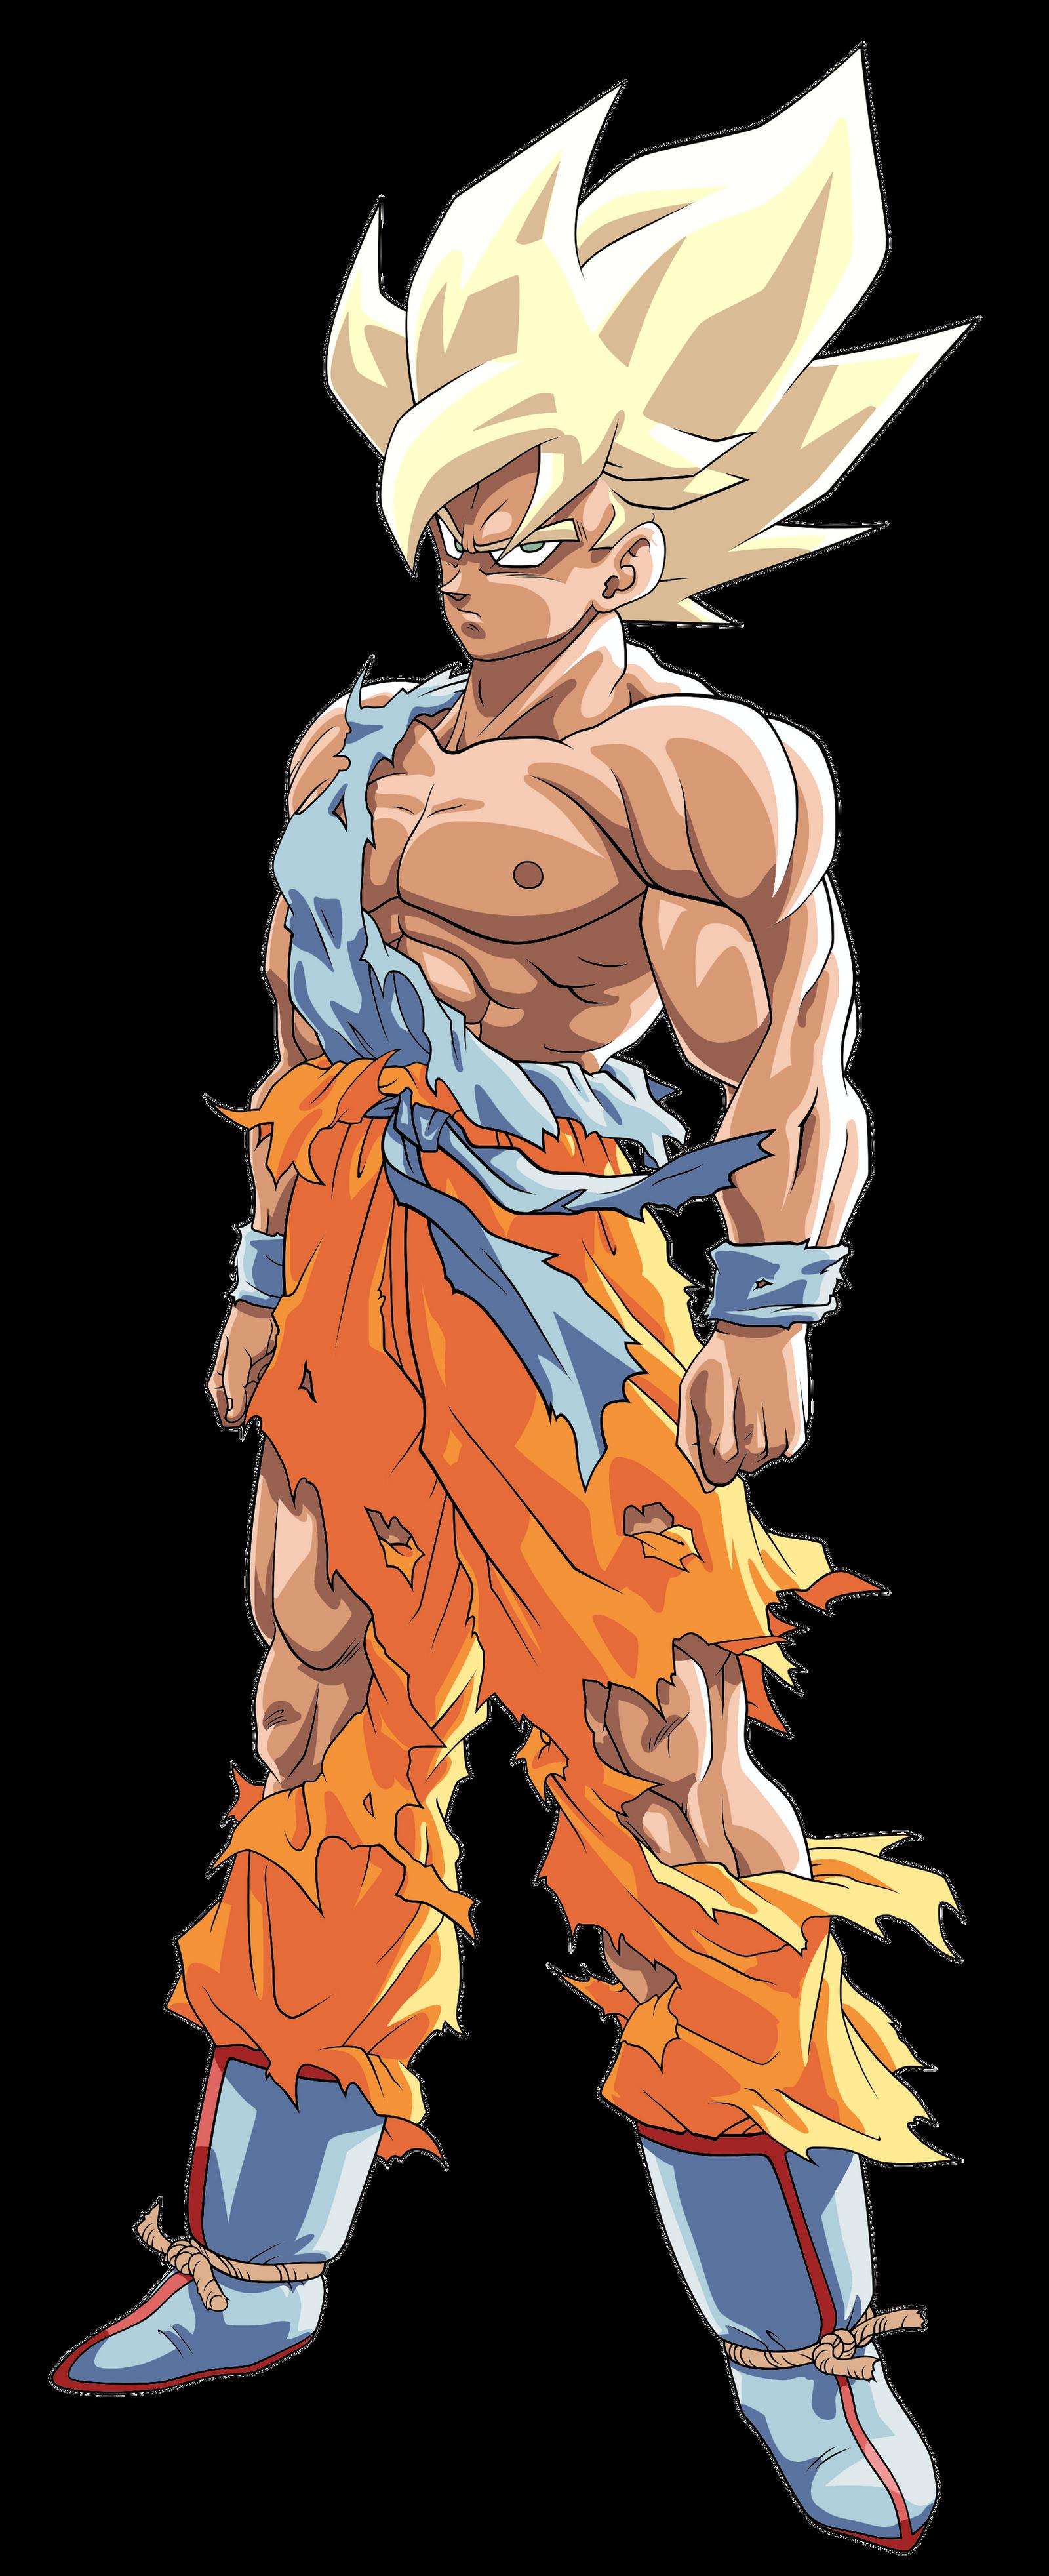 Goku ssj namek ssj toriyama palette by benj san on deviantart - Super san dragon ball z ...